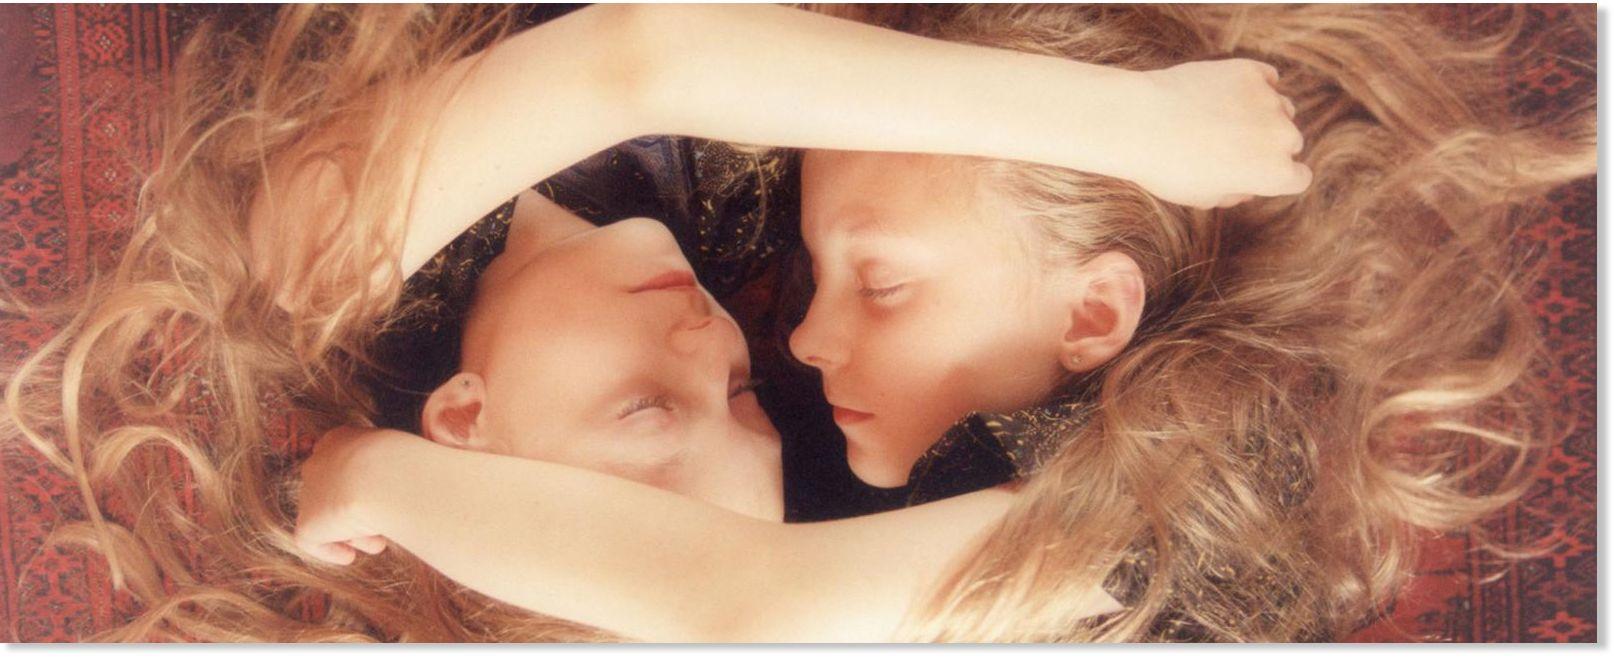 Секс кастинг русской девочки 14 фотография